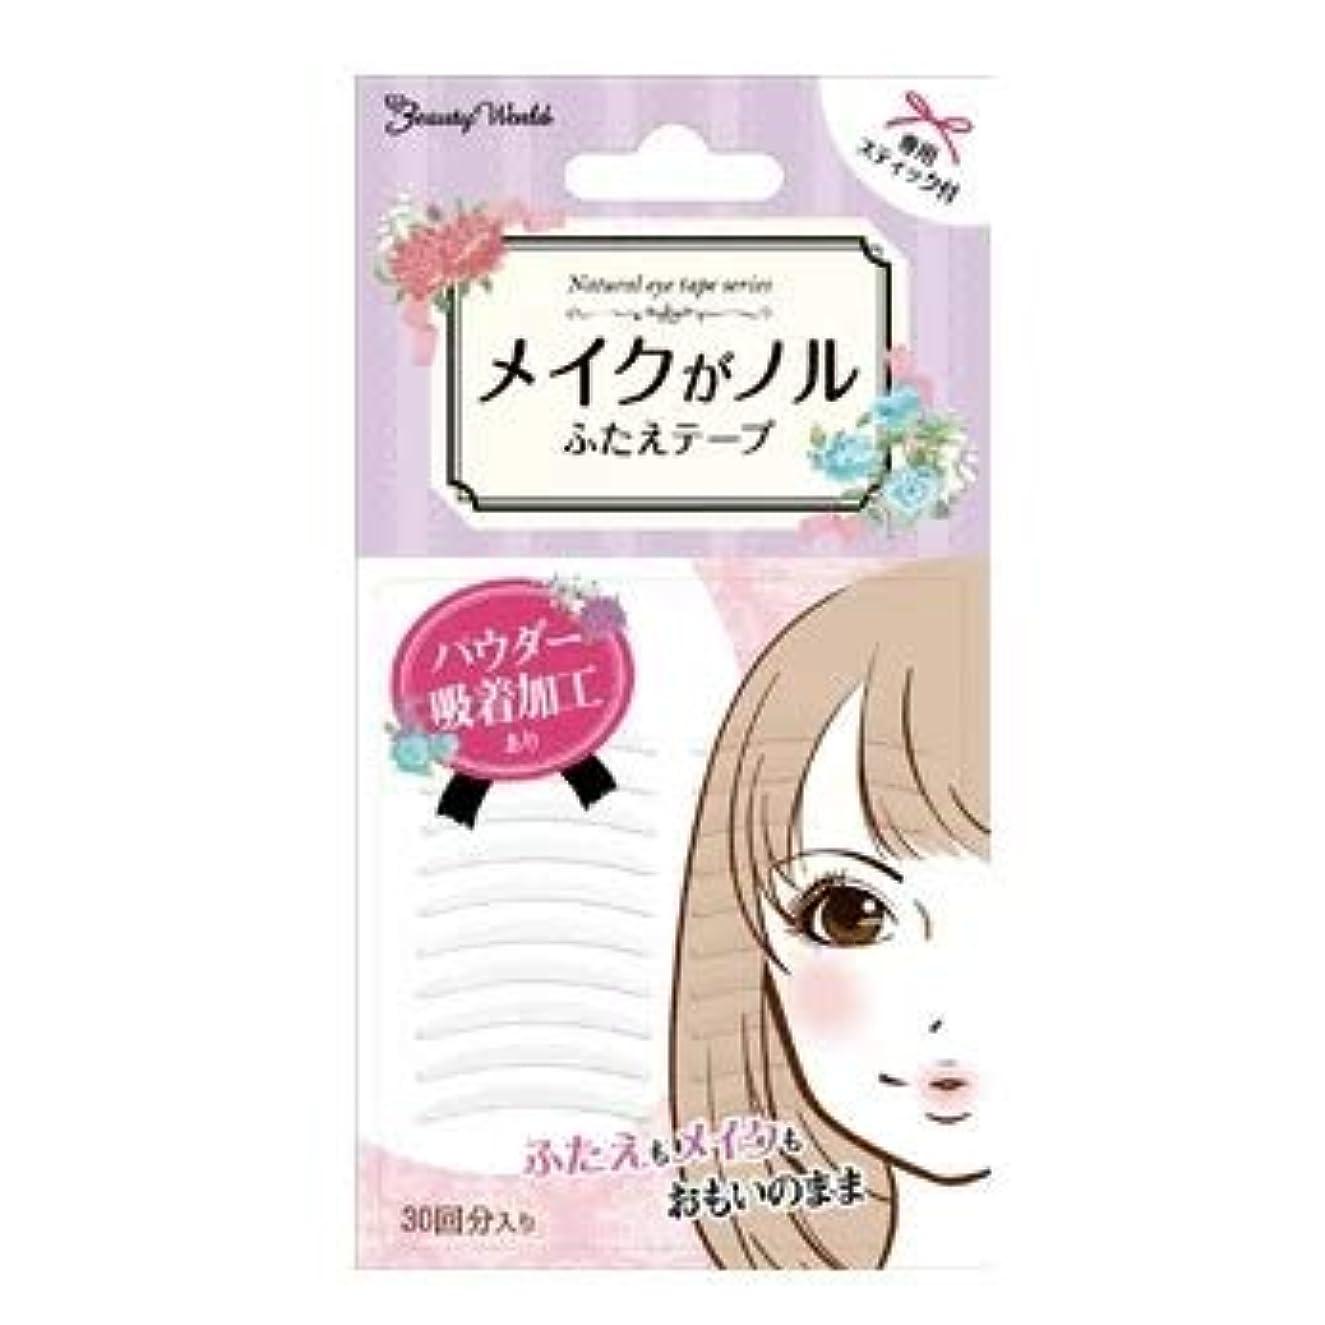 ブルペインギリック中古ふたえ用テープ(透明) ENT241 30回分 スティック付き 日本製 メイク 化粧 アイメイク 目 ぱっちり 二重 ふたえ 変身 クリア 自然 素肌 フィット 初心者 簡単 かわいい 女子 女の子